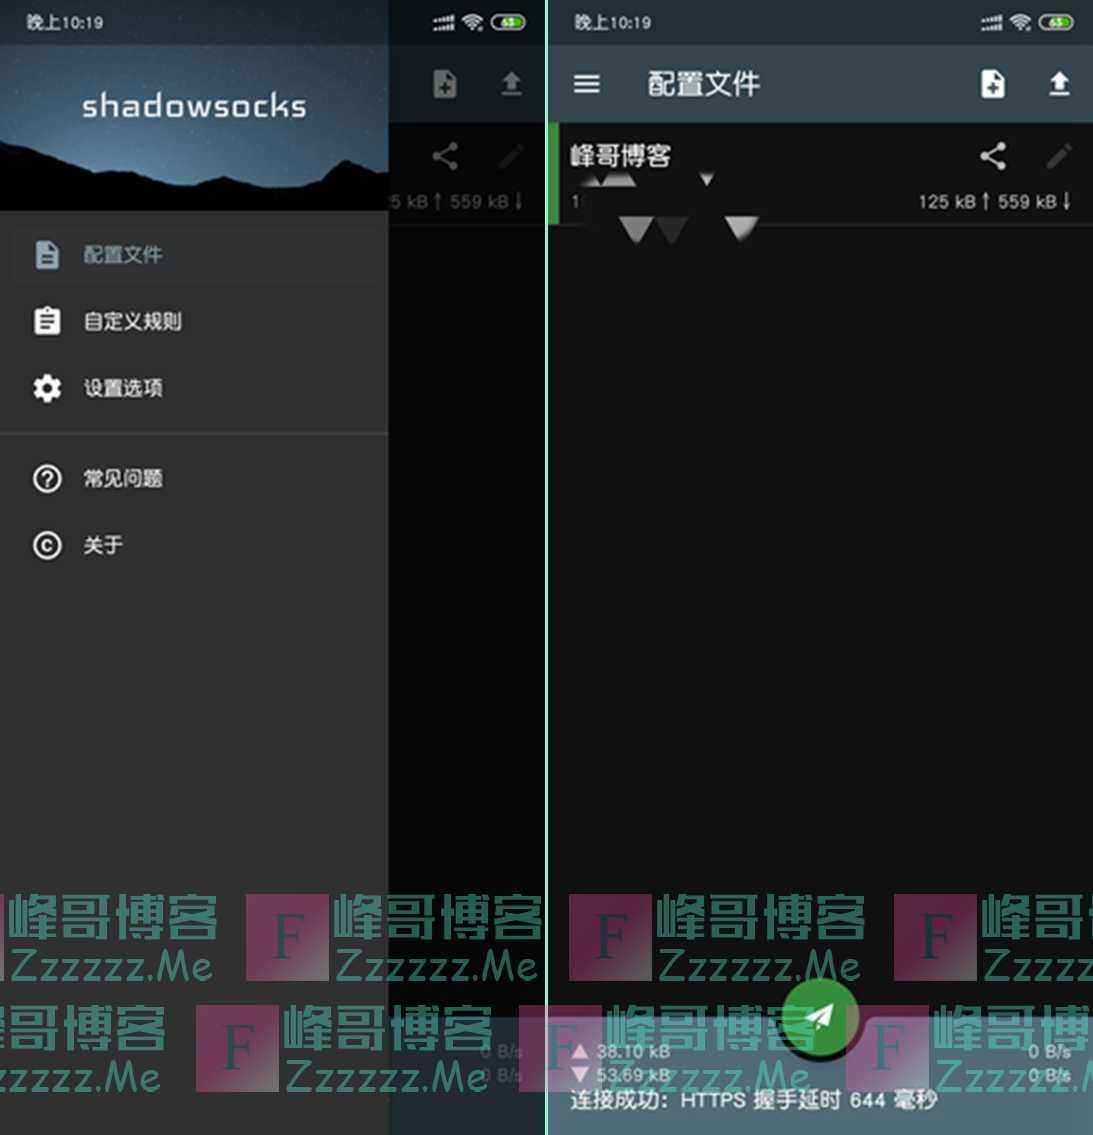 安卓Shadowsocks V4.8.1去广告绿色版